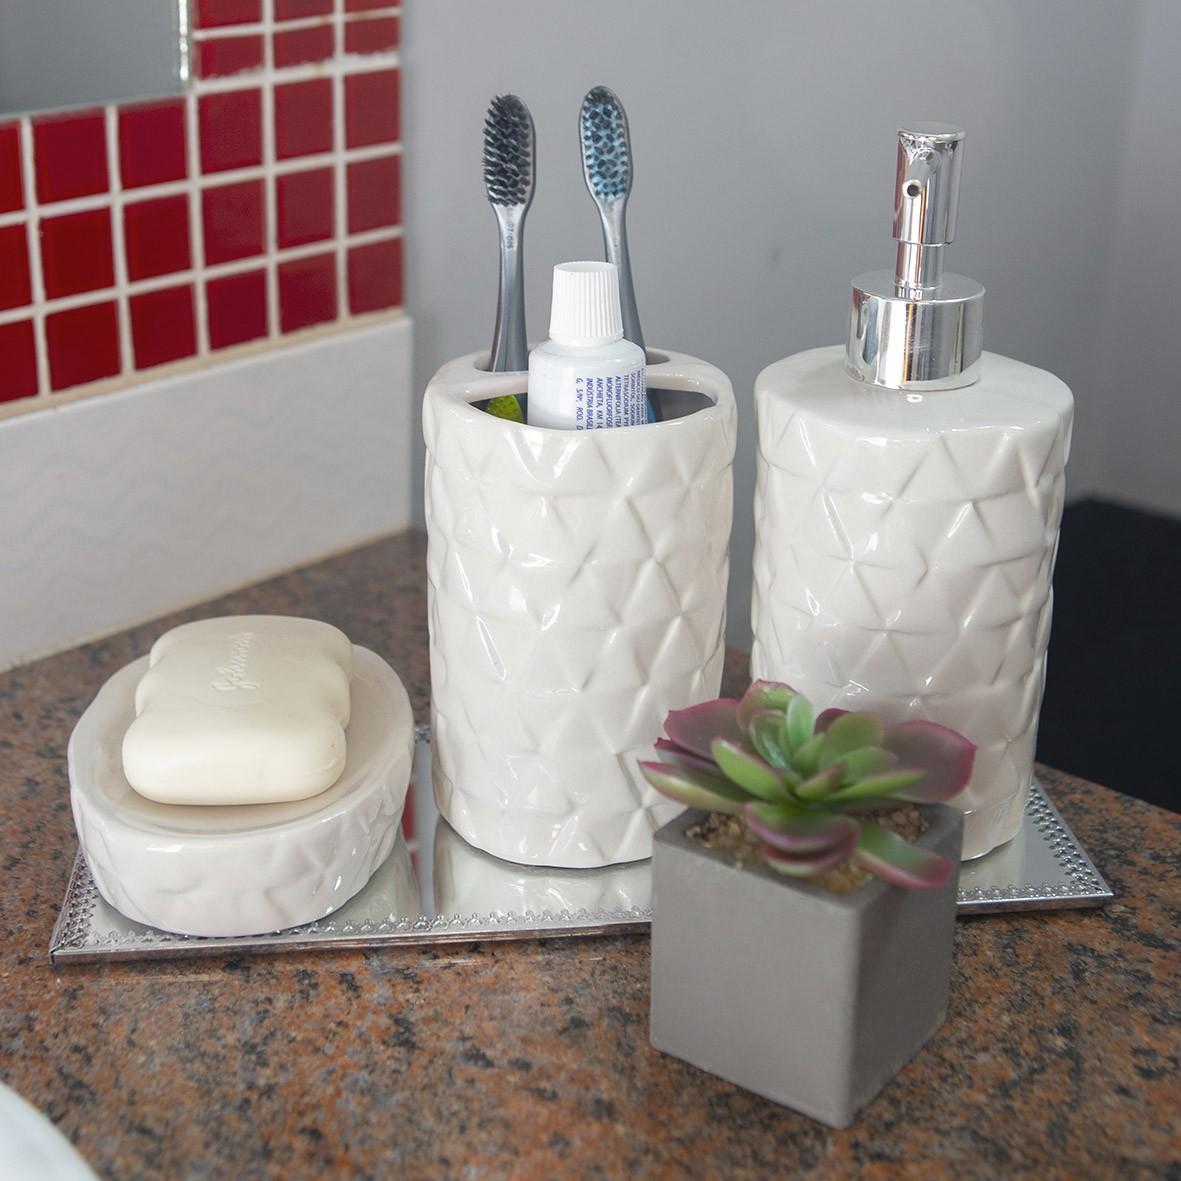 Kit para Banheiro 3 peças Branco com Base Espelhada